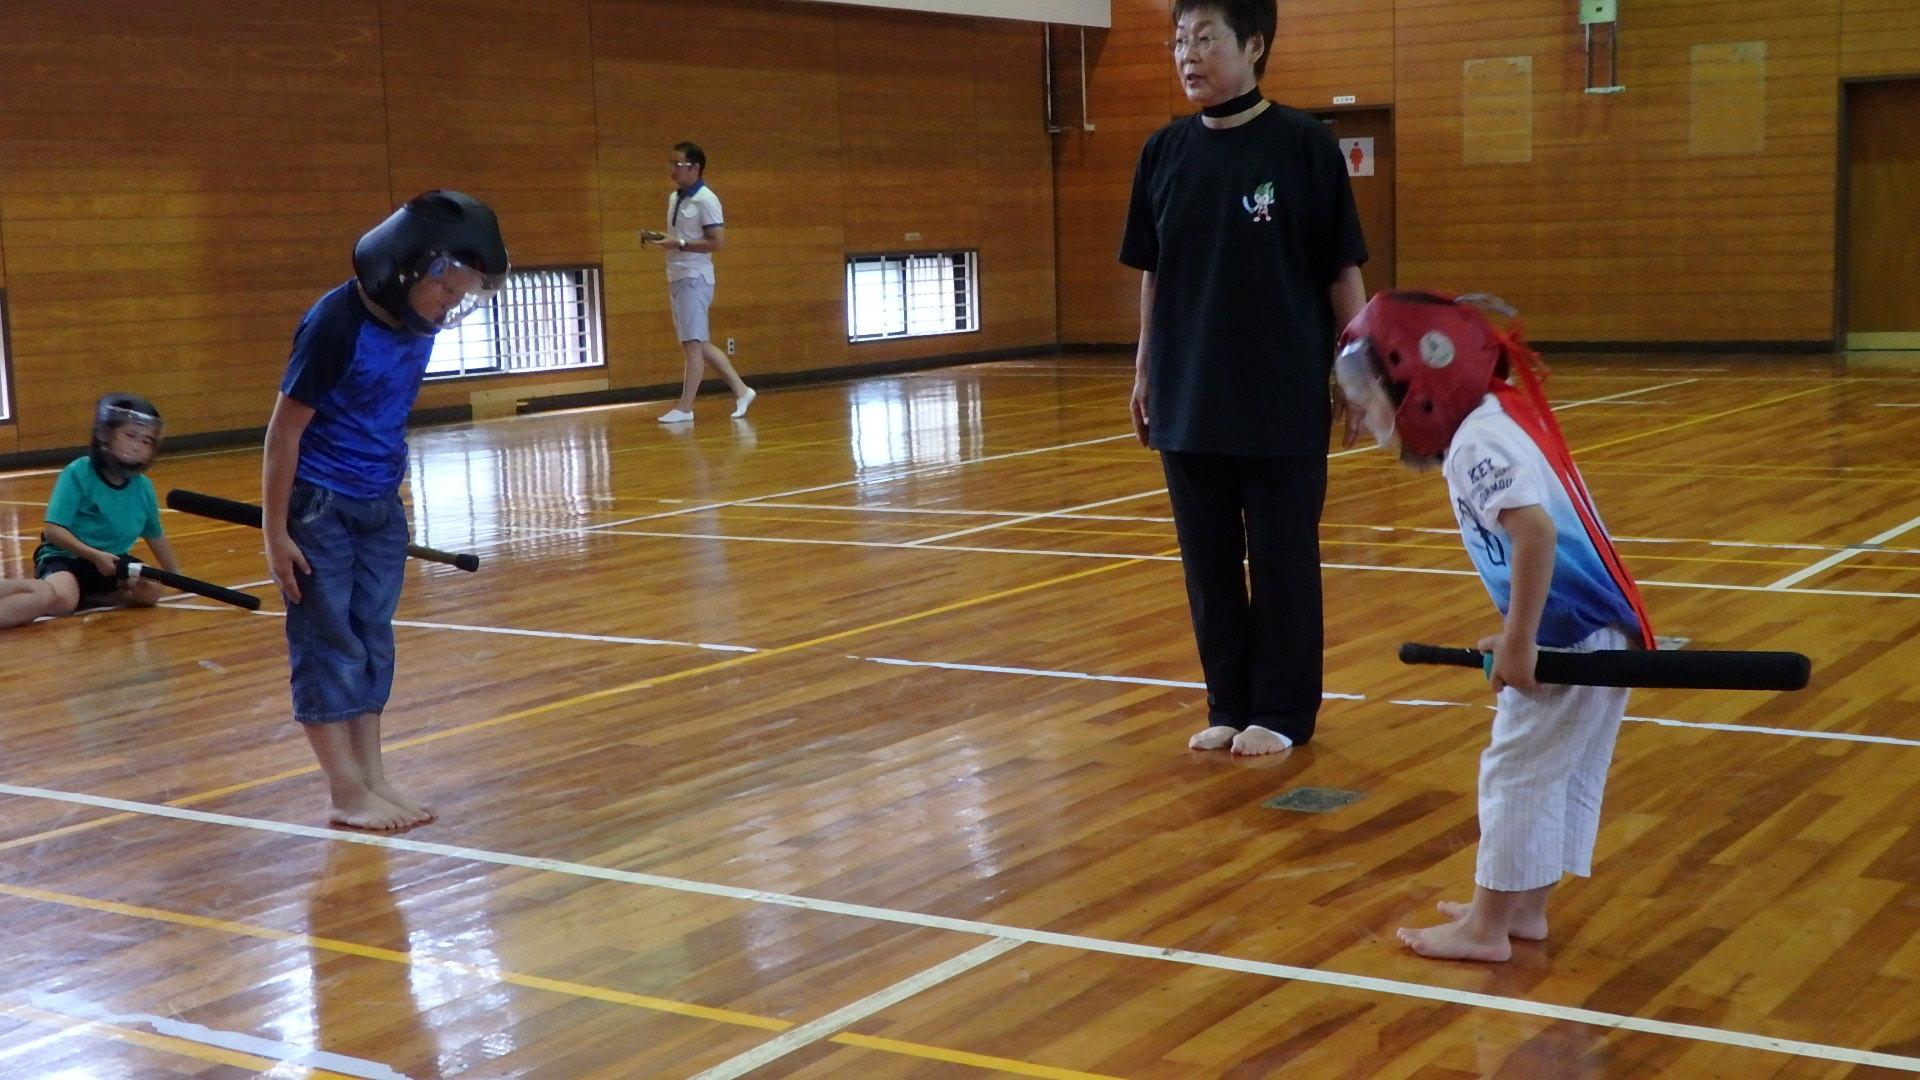 勇ましい剣士誕生!「スポーツチャンバラ + お楽しみ会」_b0239402_17015363.jpg